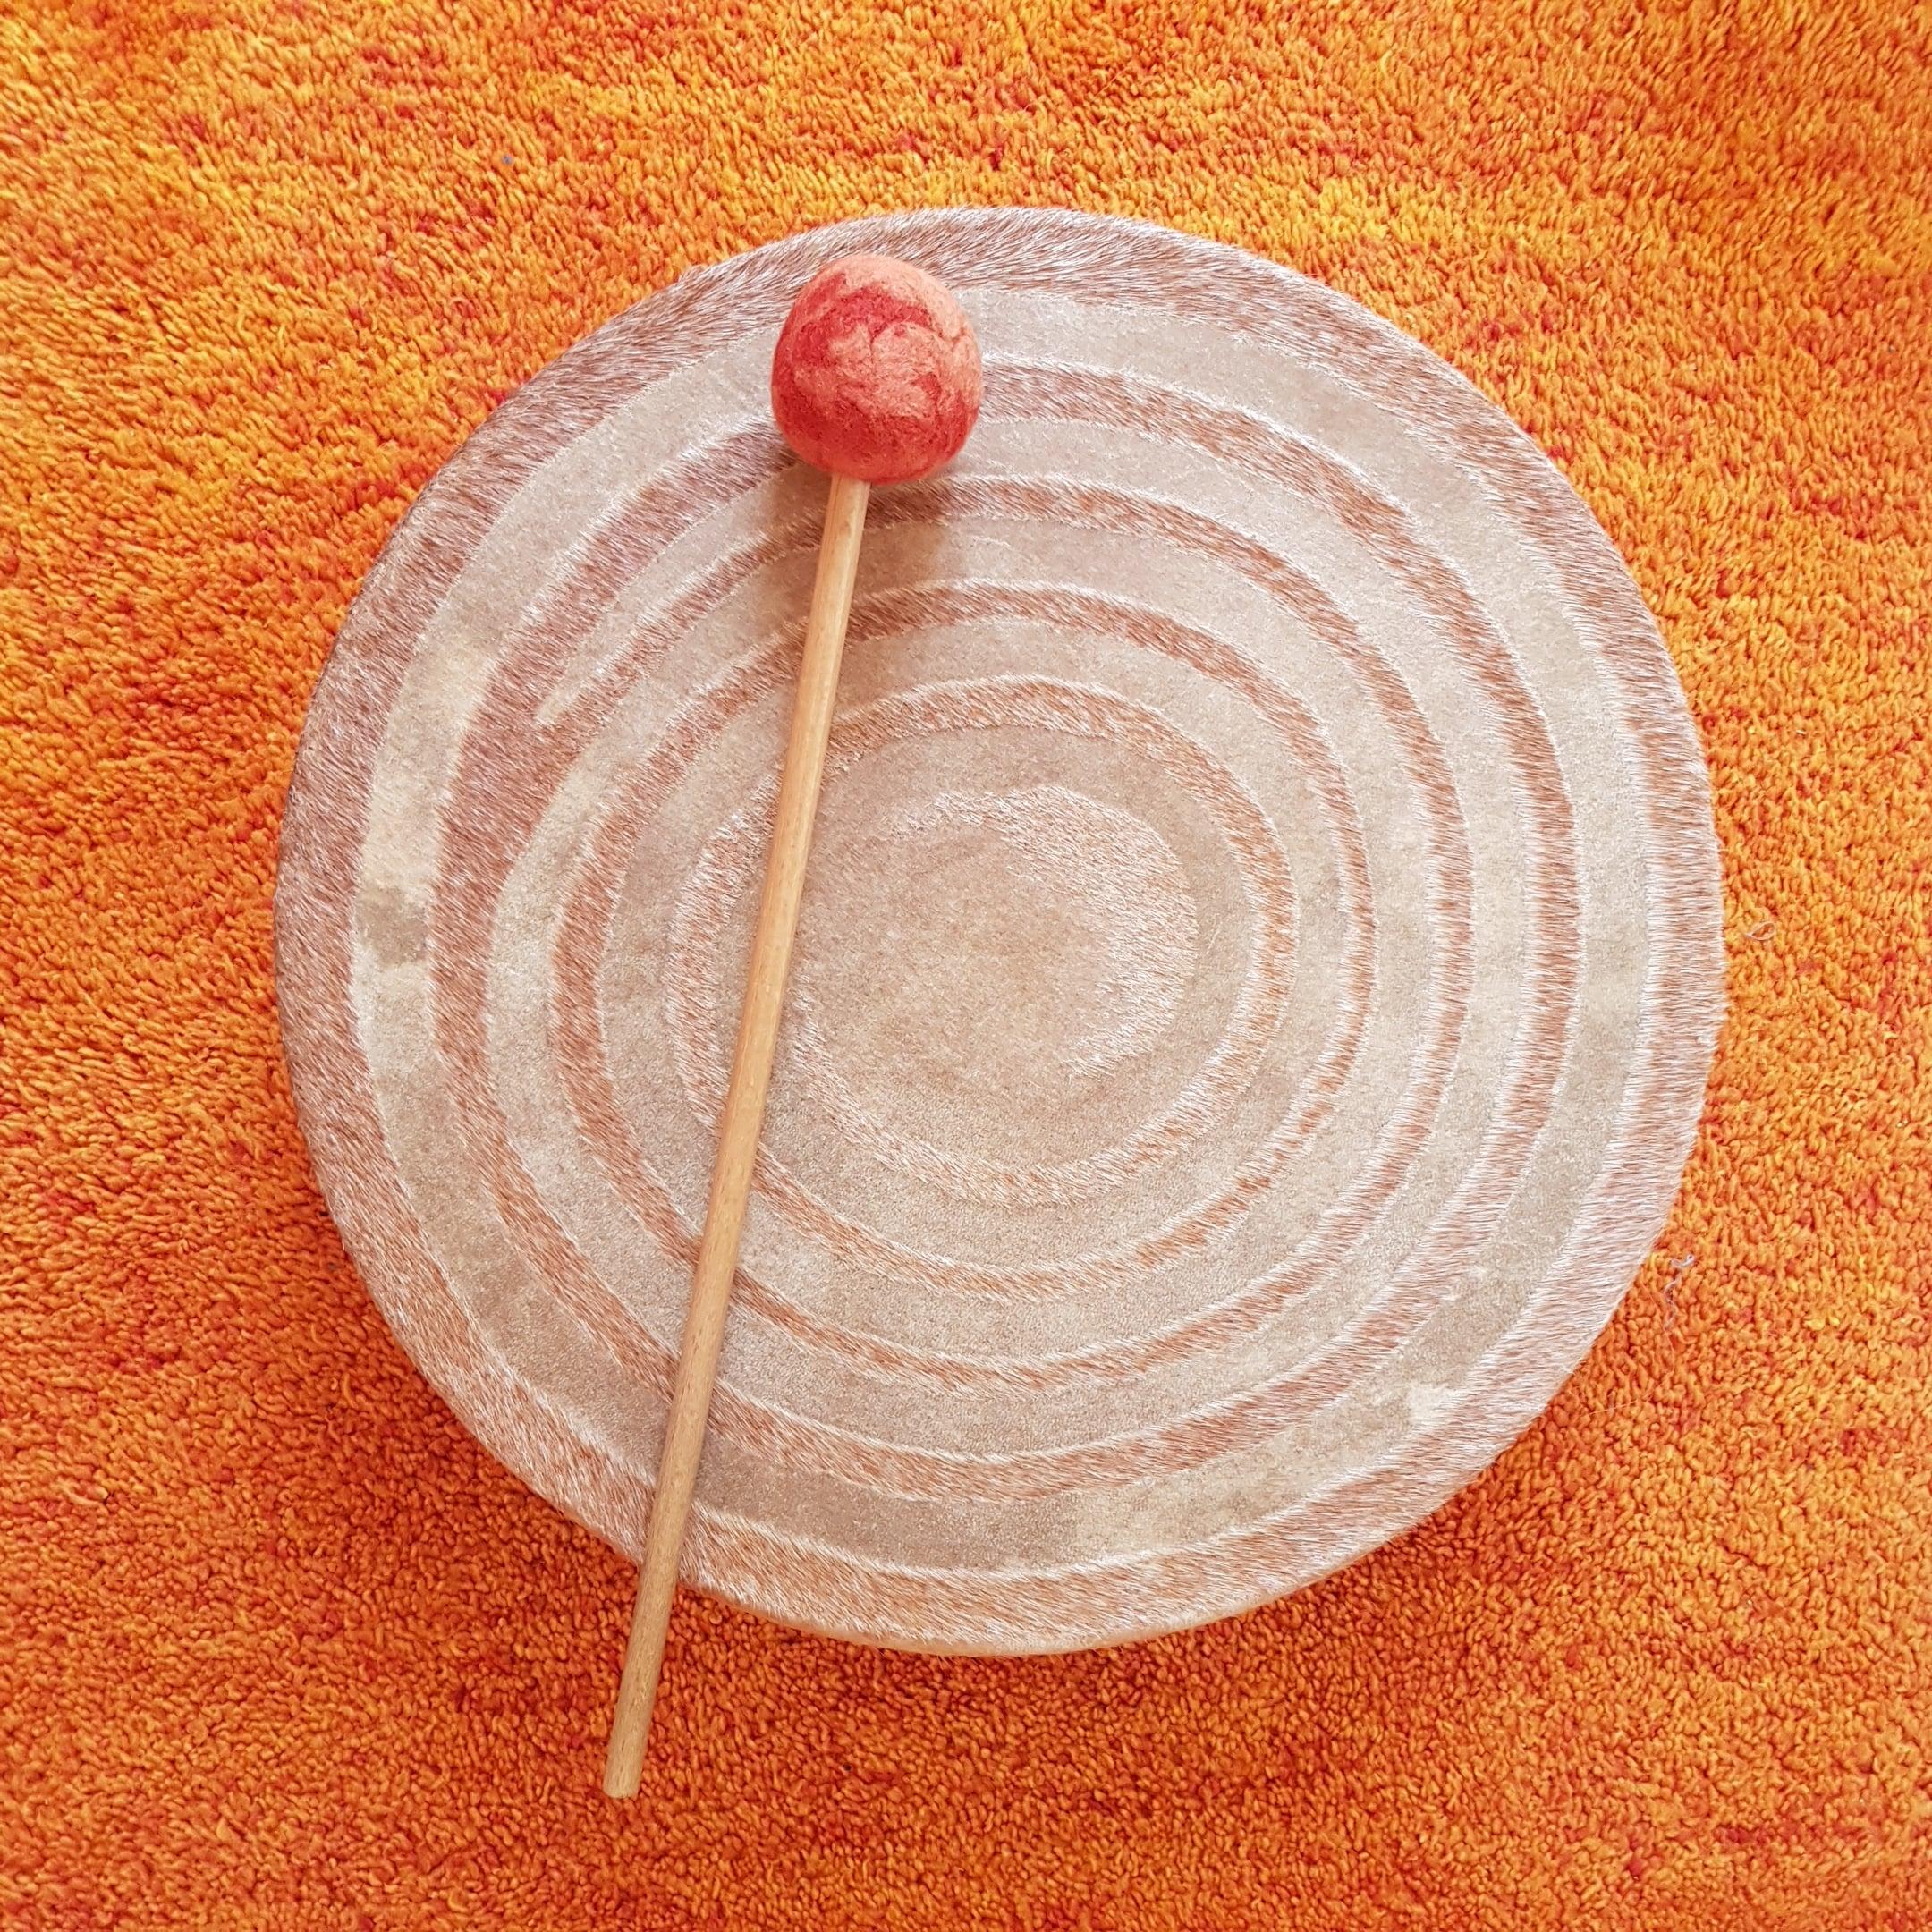 Das Bild zeigt eine Trommel mit der Du schamanisch reisen kannst